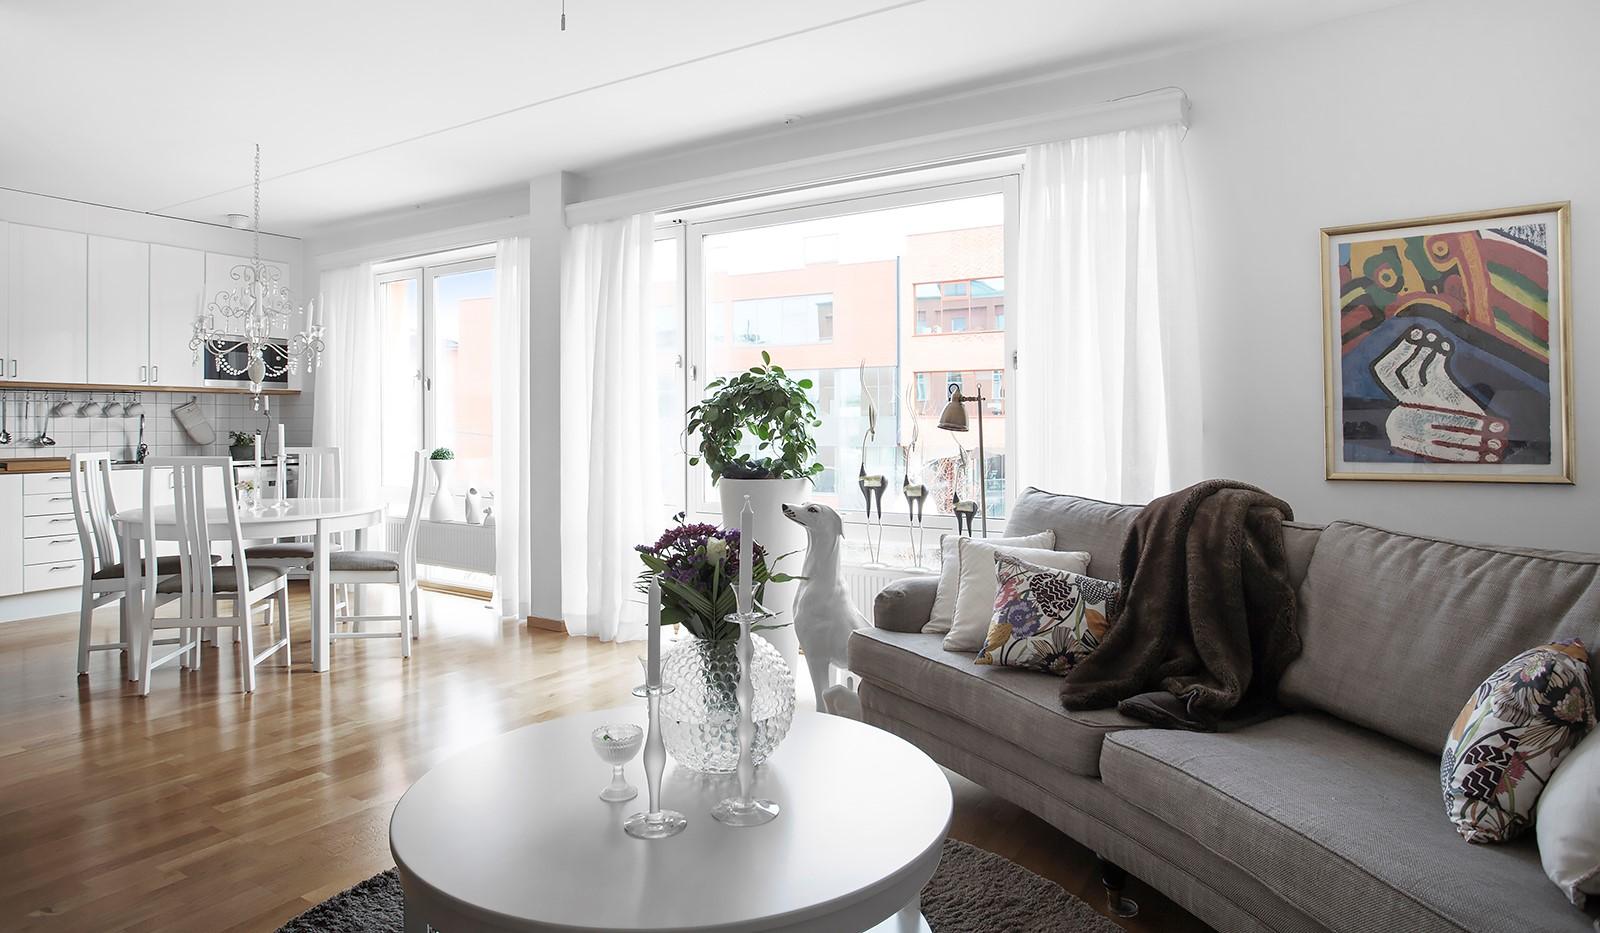 Lugnets Allé 69, 2 tr - Social och öppen planlösning mellan kök och vardagsrum